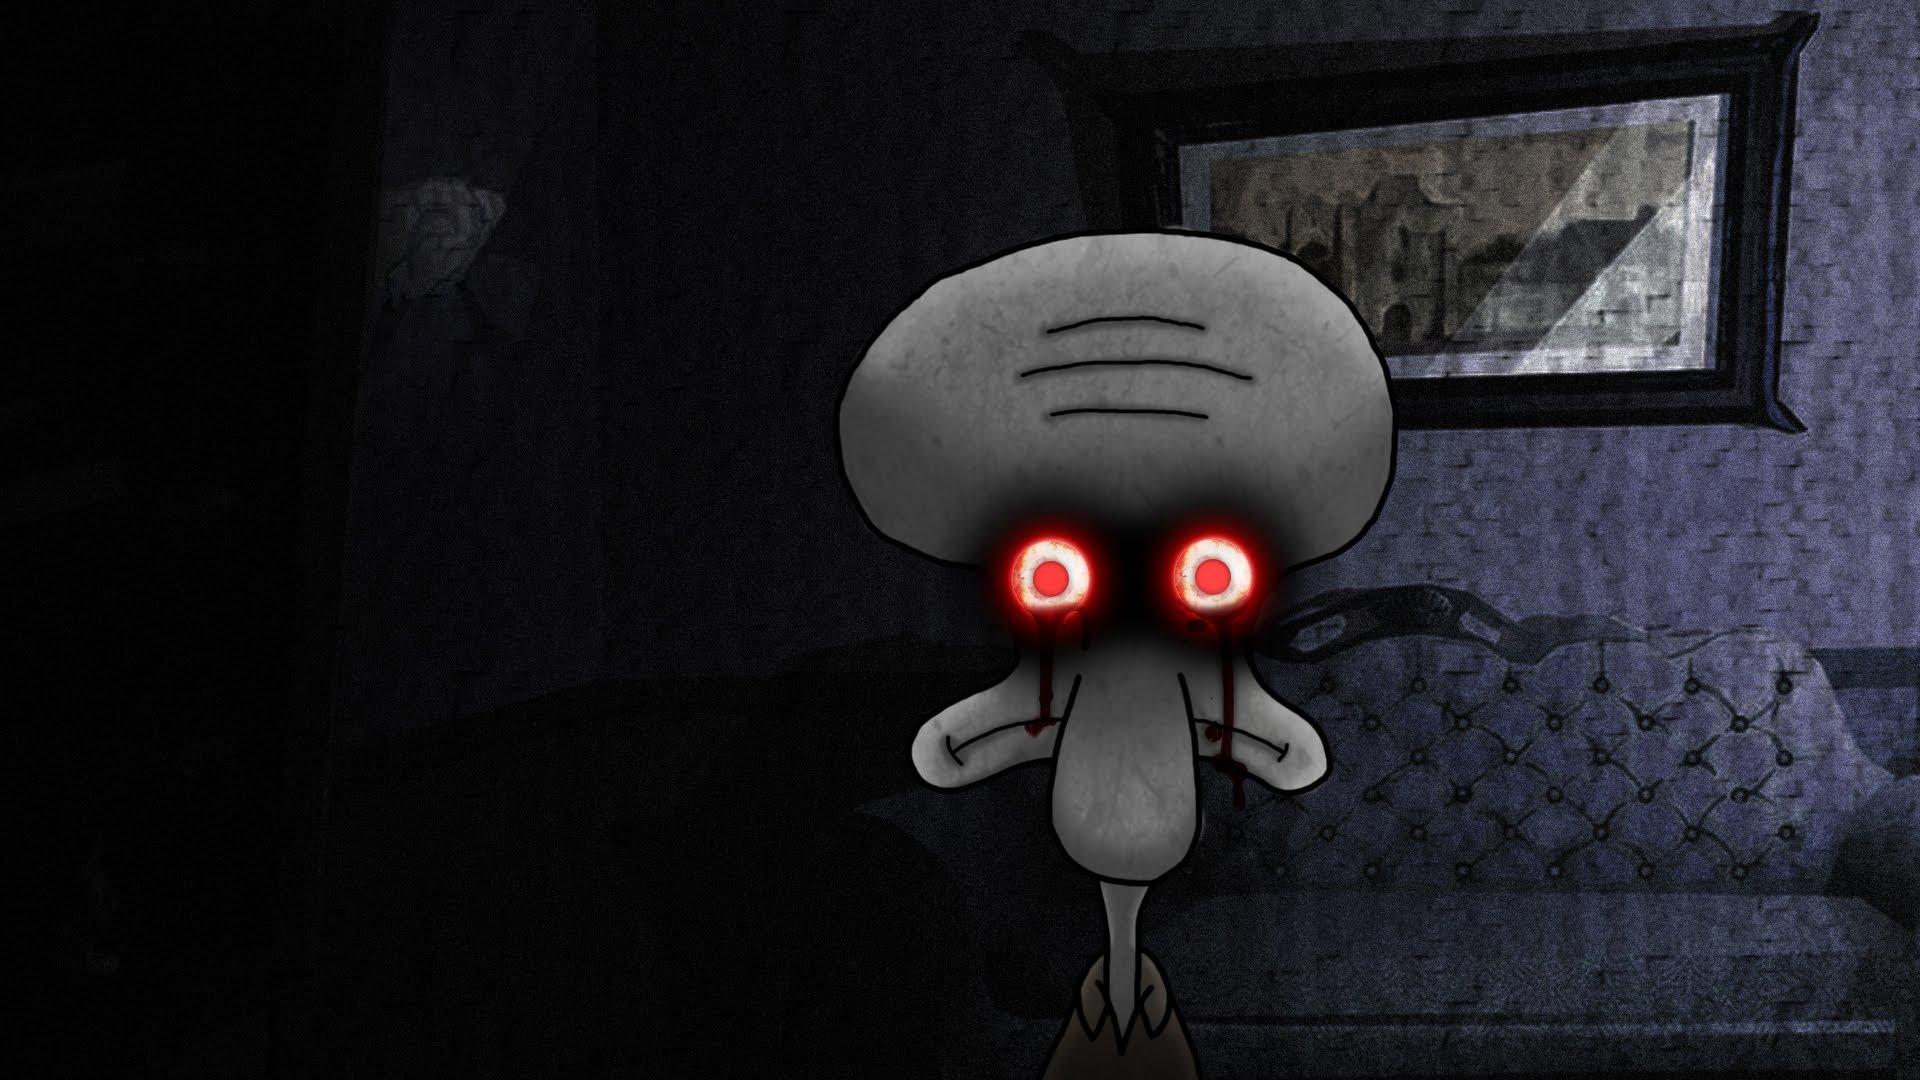 Squidward's Suicide | Know Your Meme